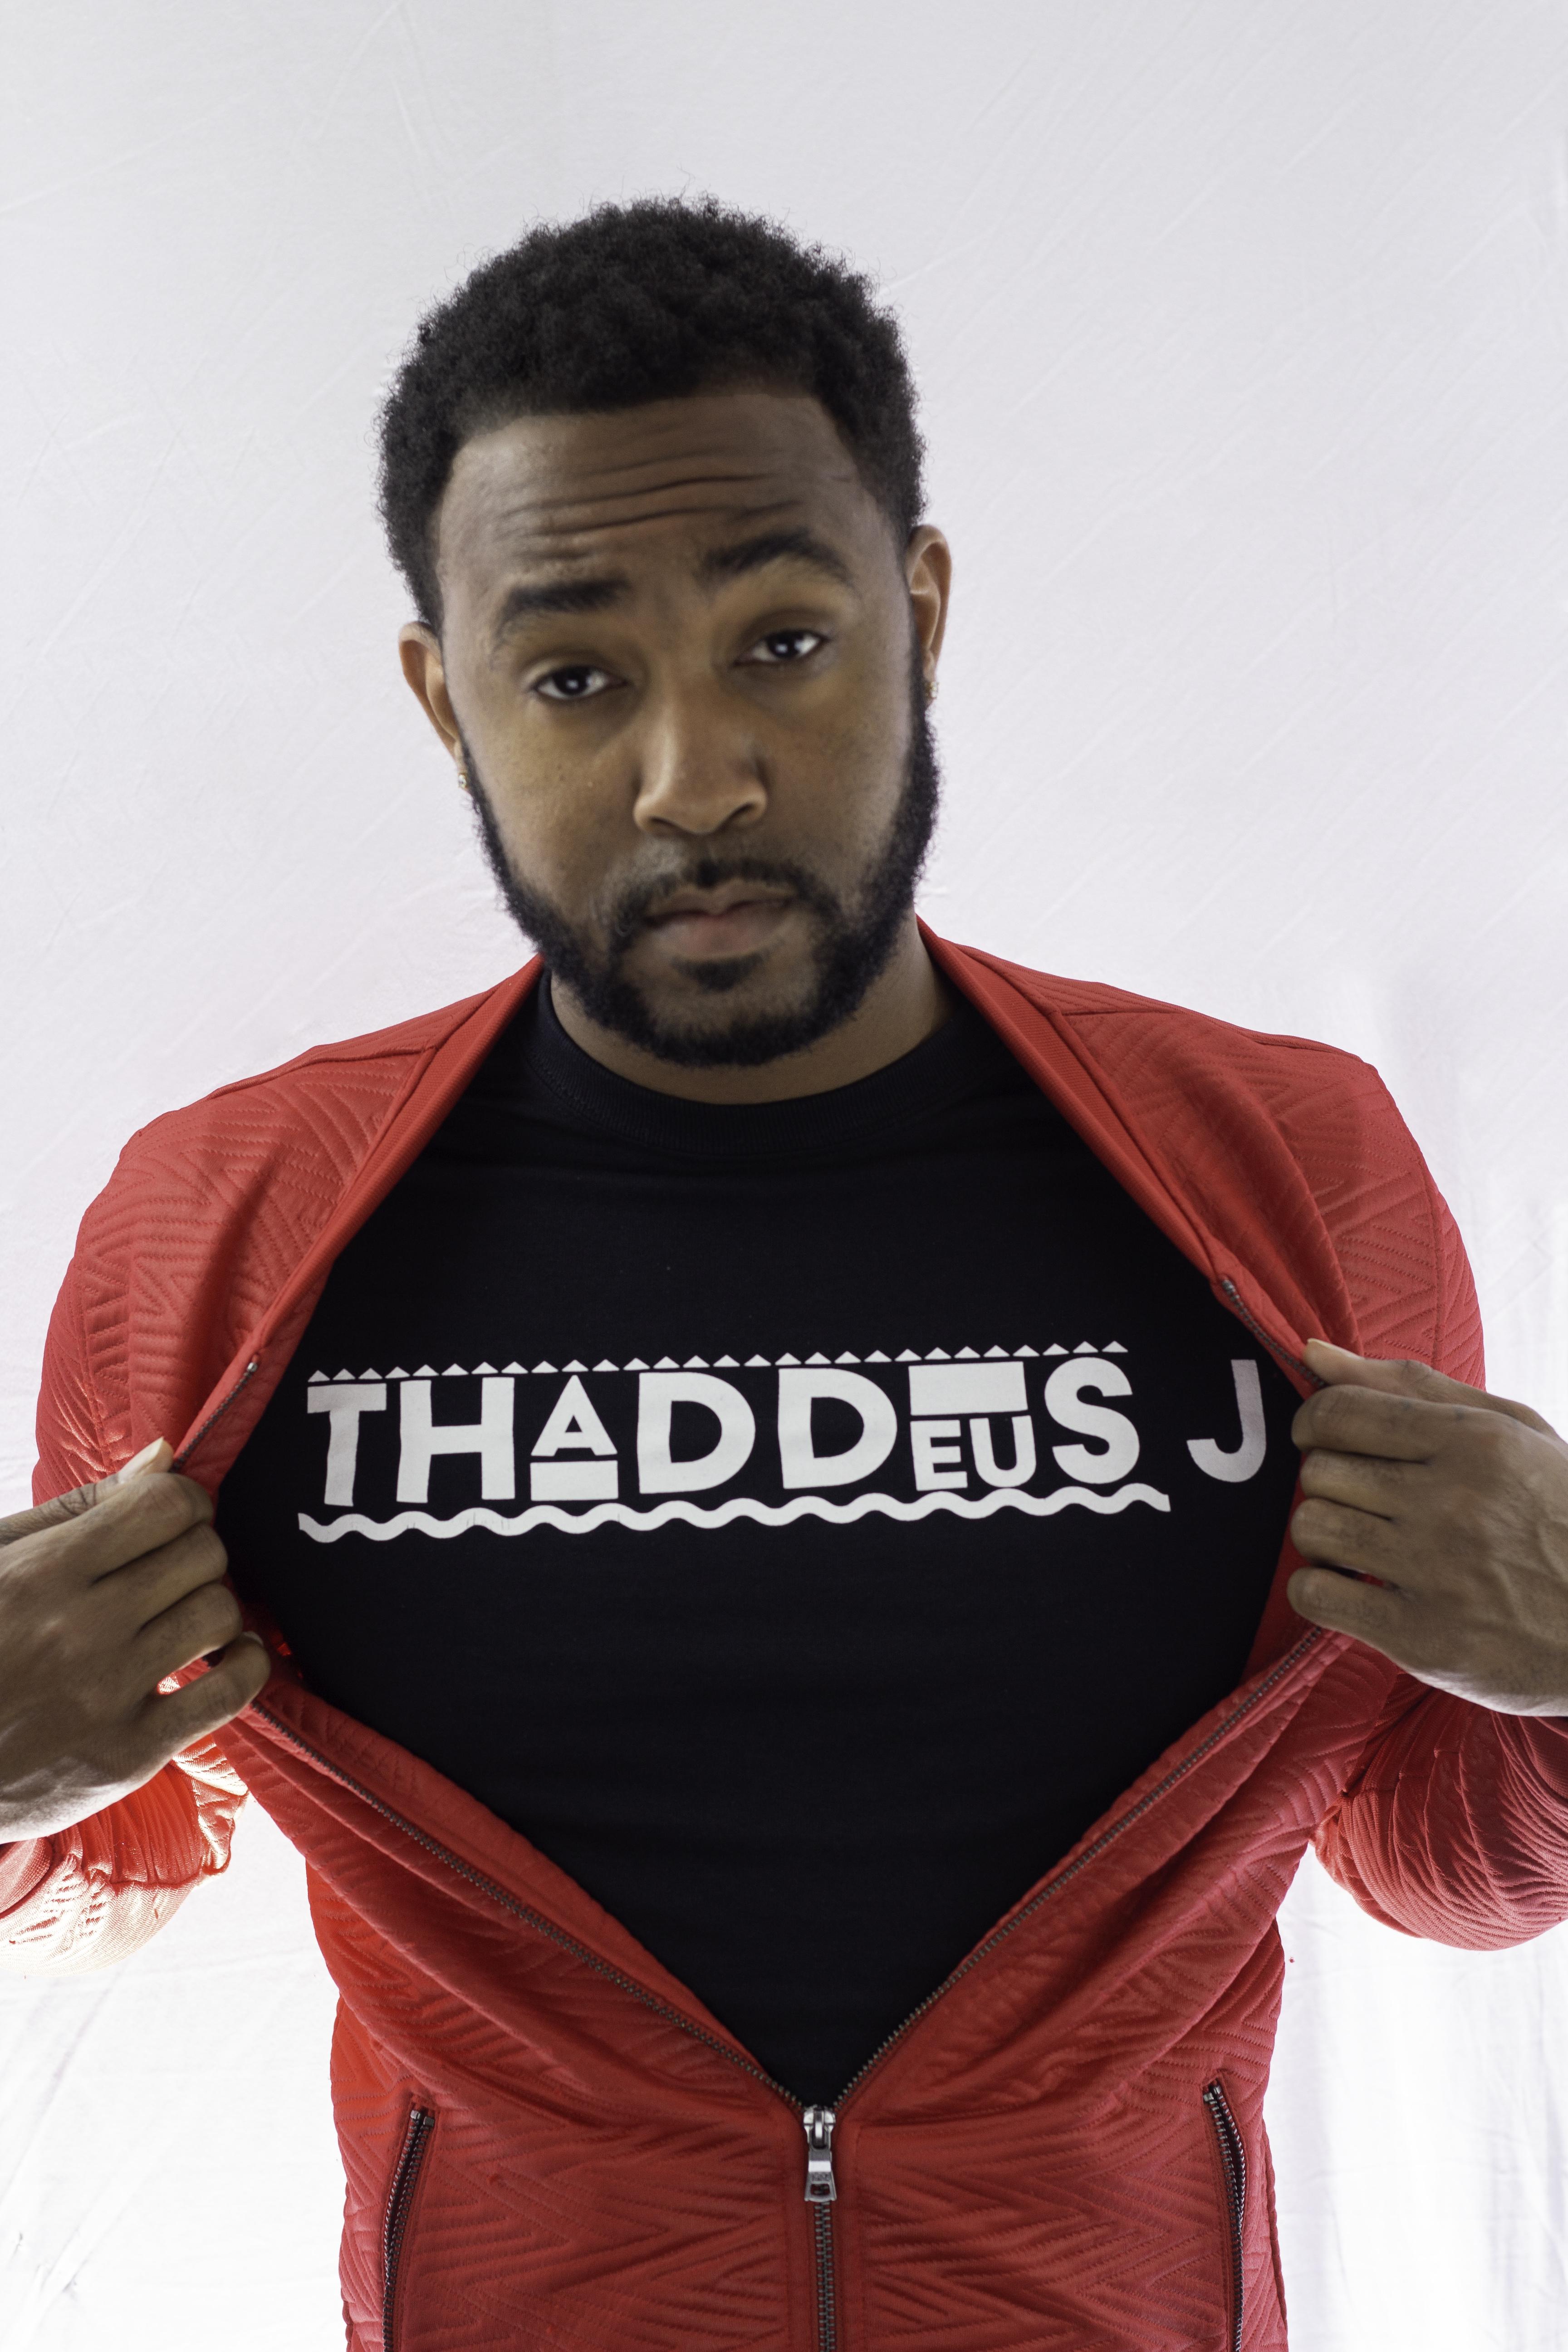 Thaddeus J Merch Shop